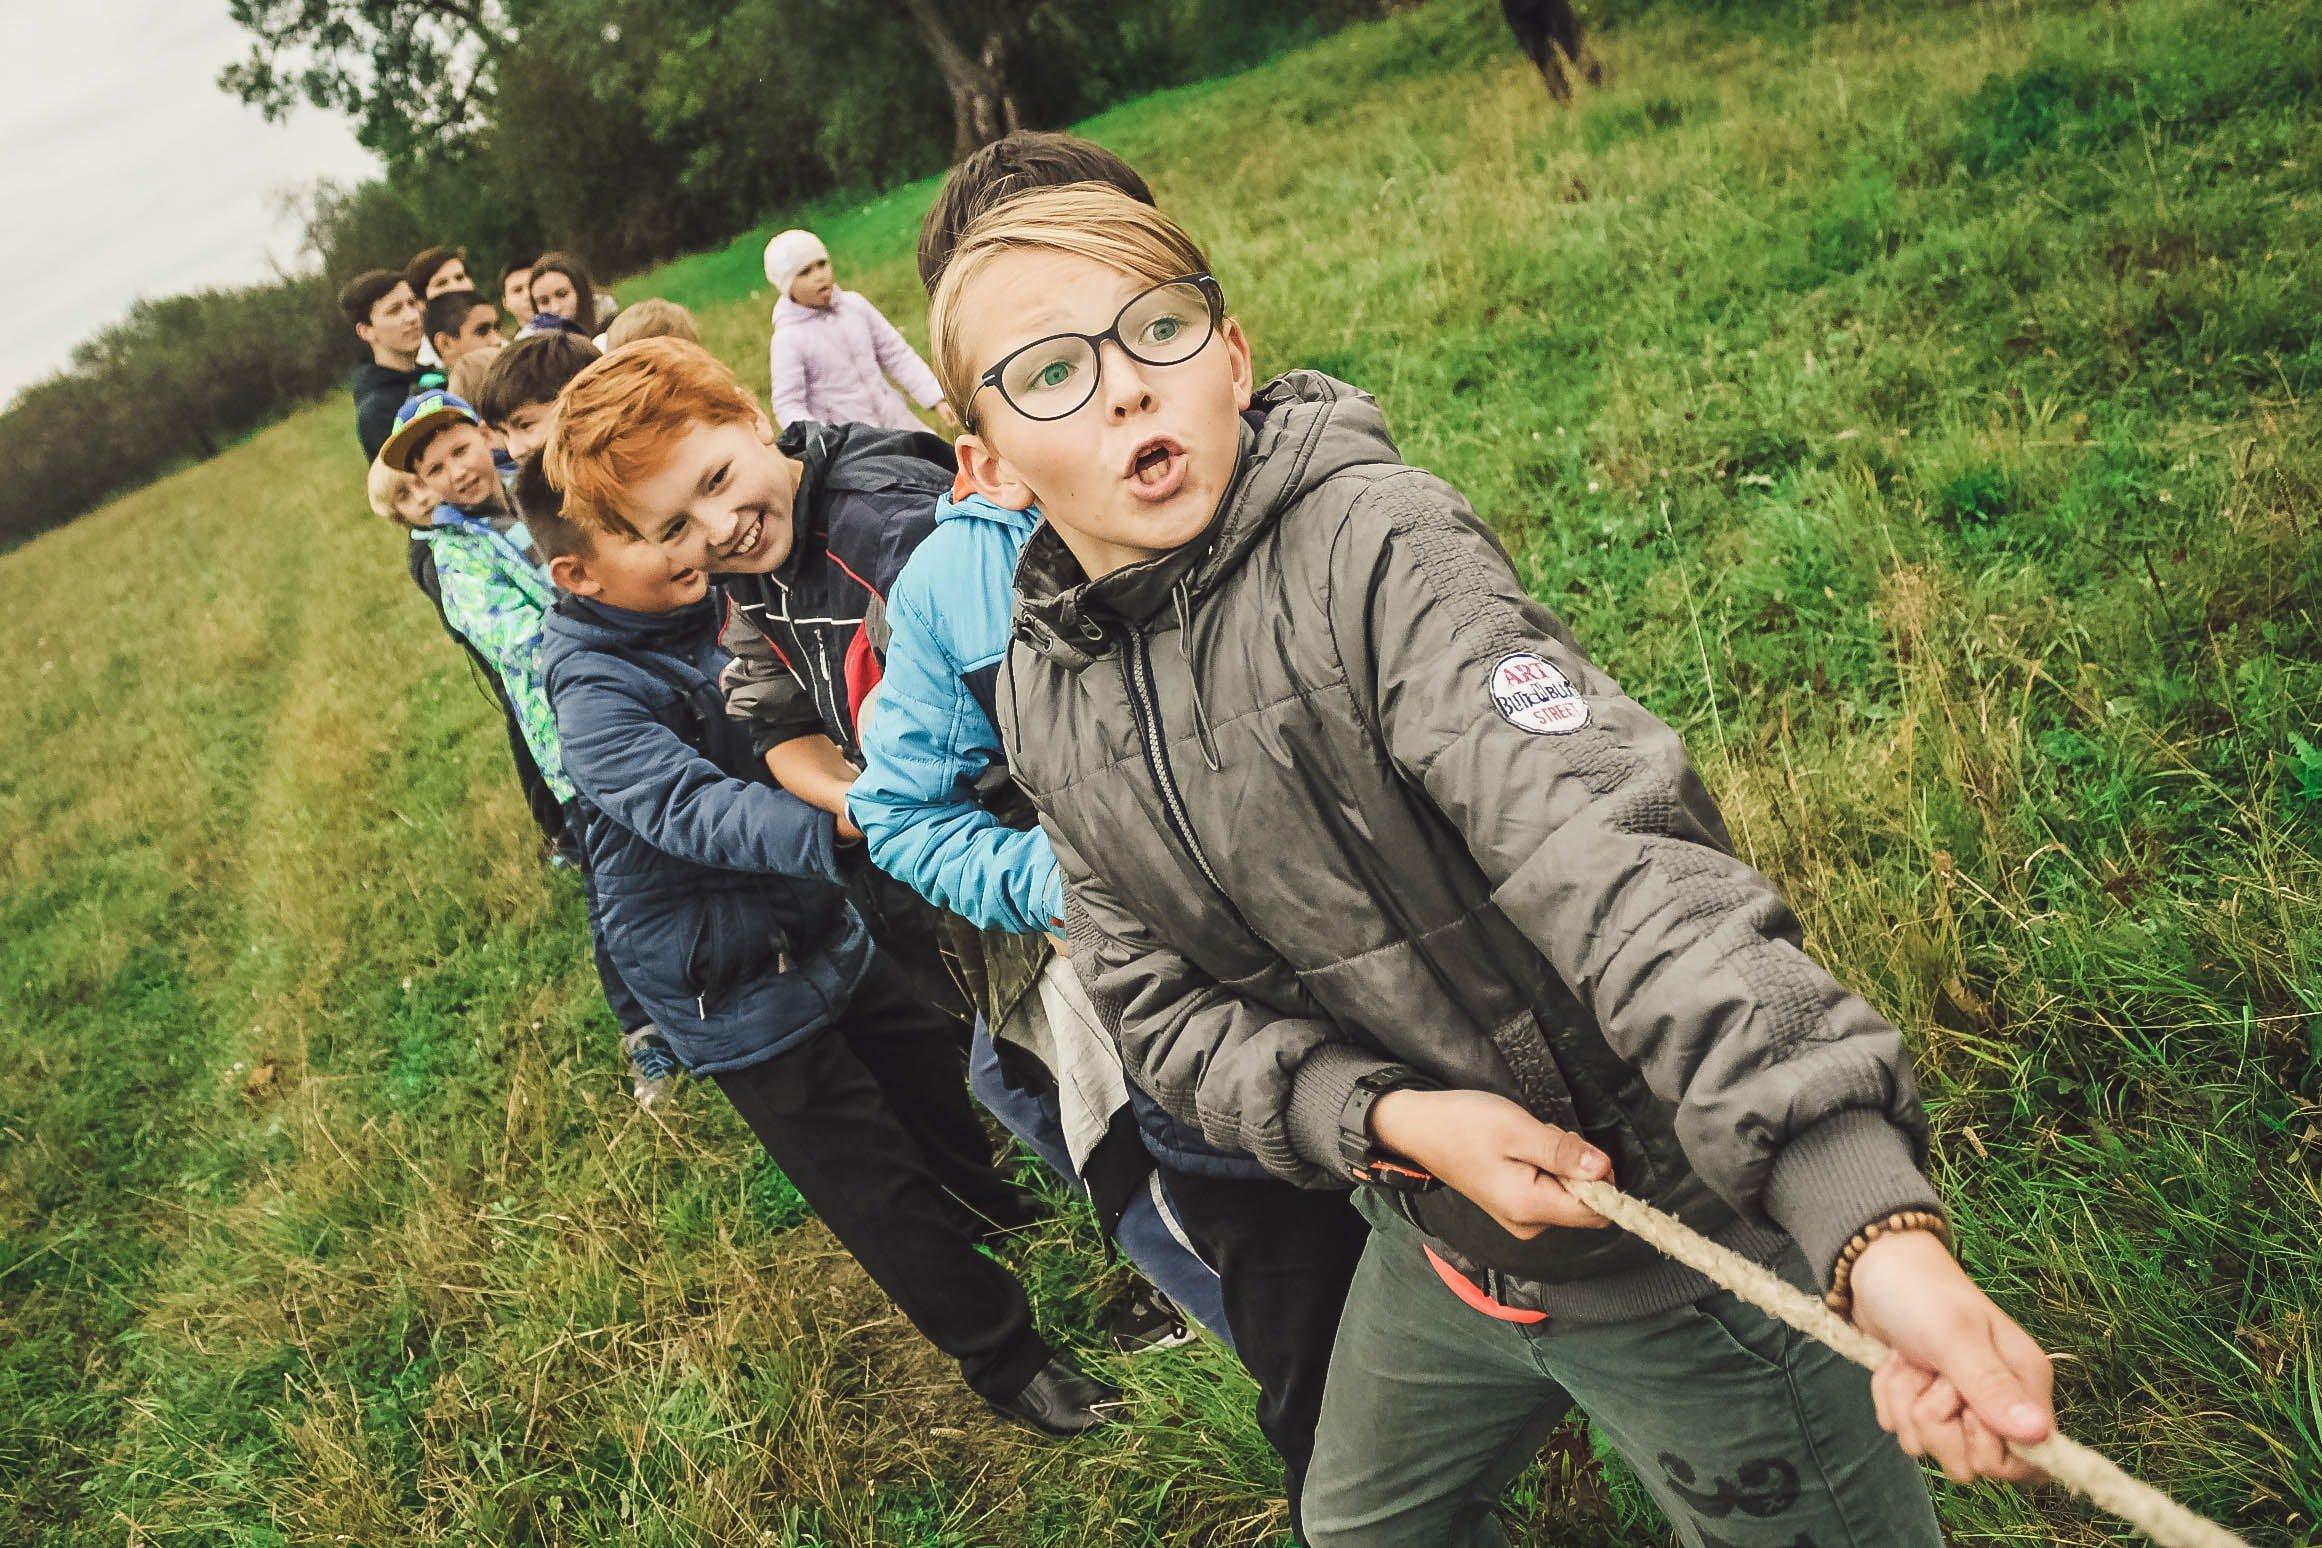 Photo of students by Anna Samoylova on Unsplash